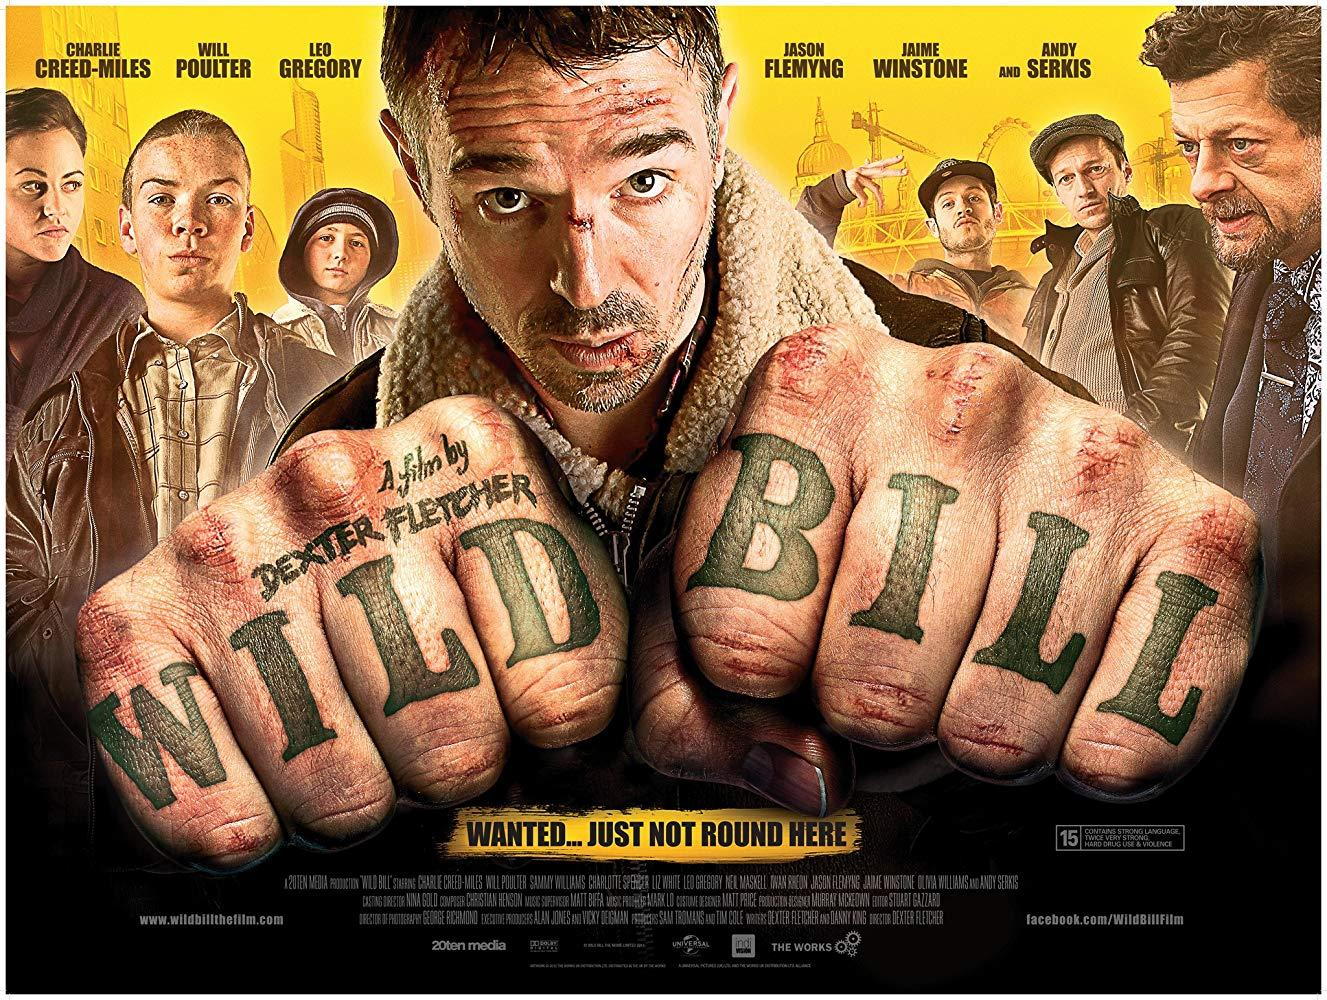 مشاهدة فيلم Wild Bill 2011 HD مترجم كامل اون لاين